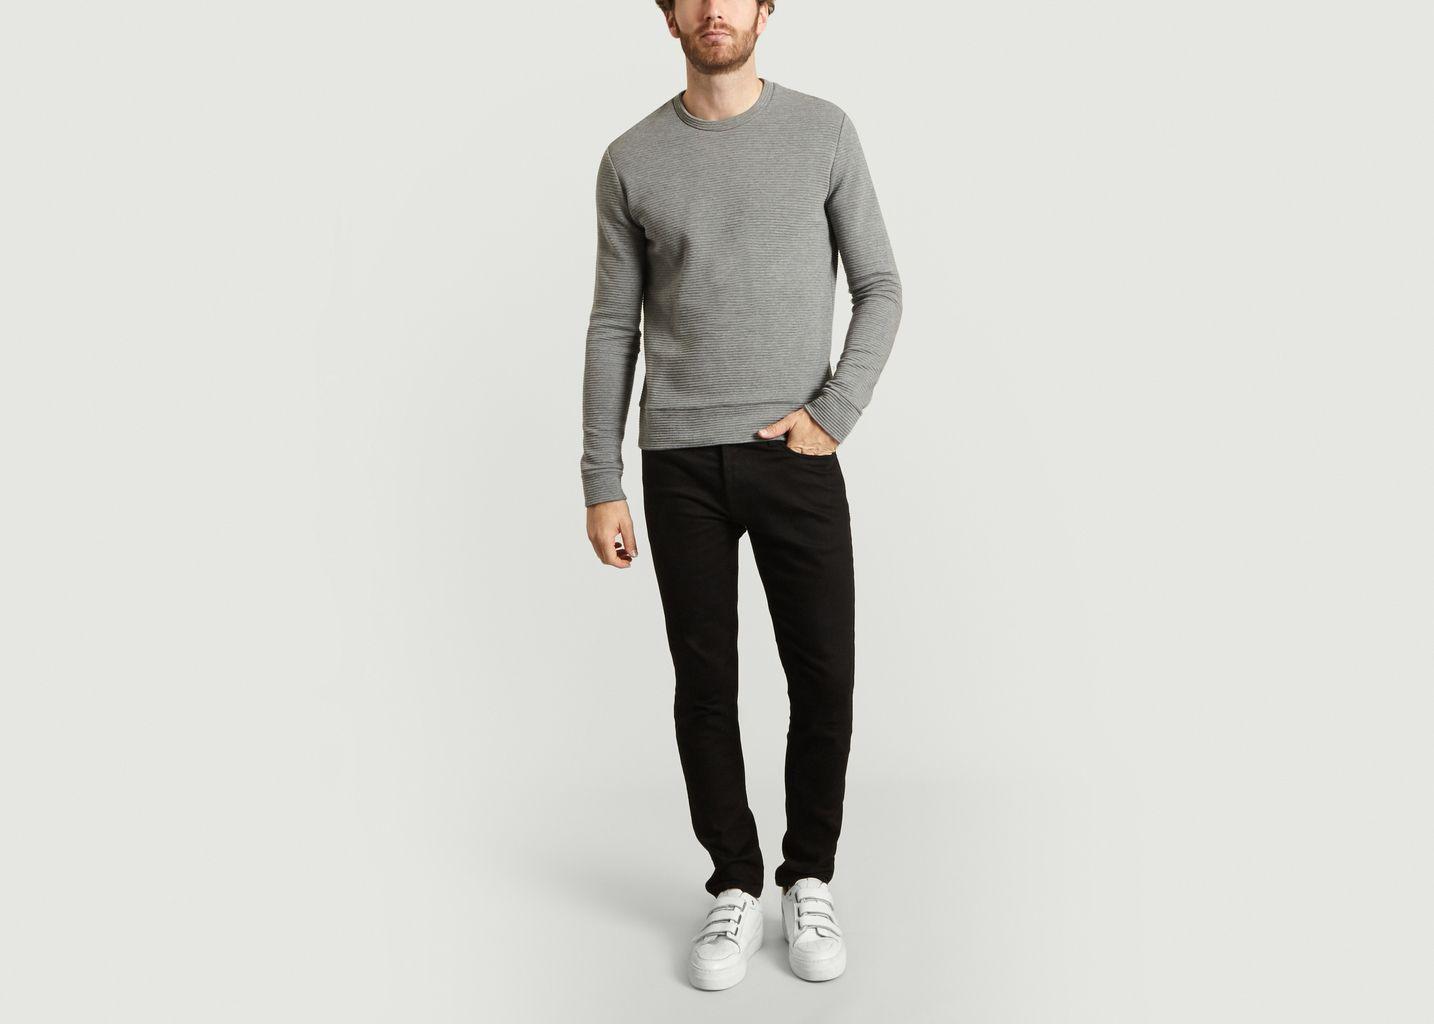 Sweatshirt Plain - Sébastien Blondin